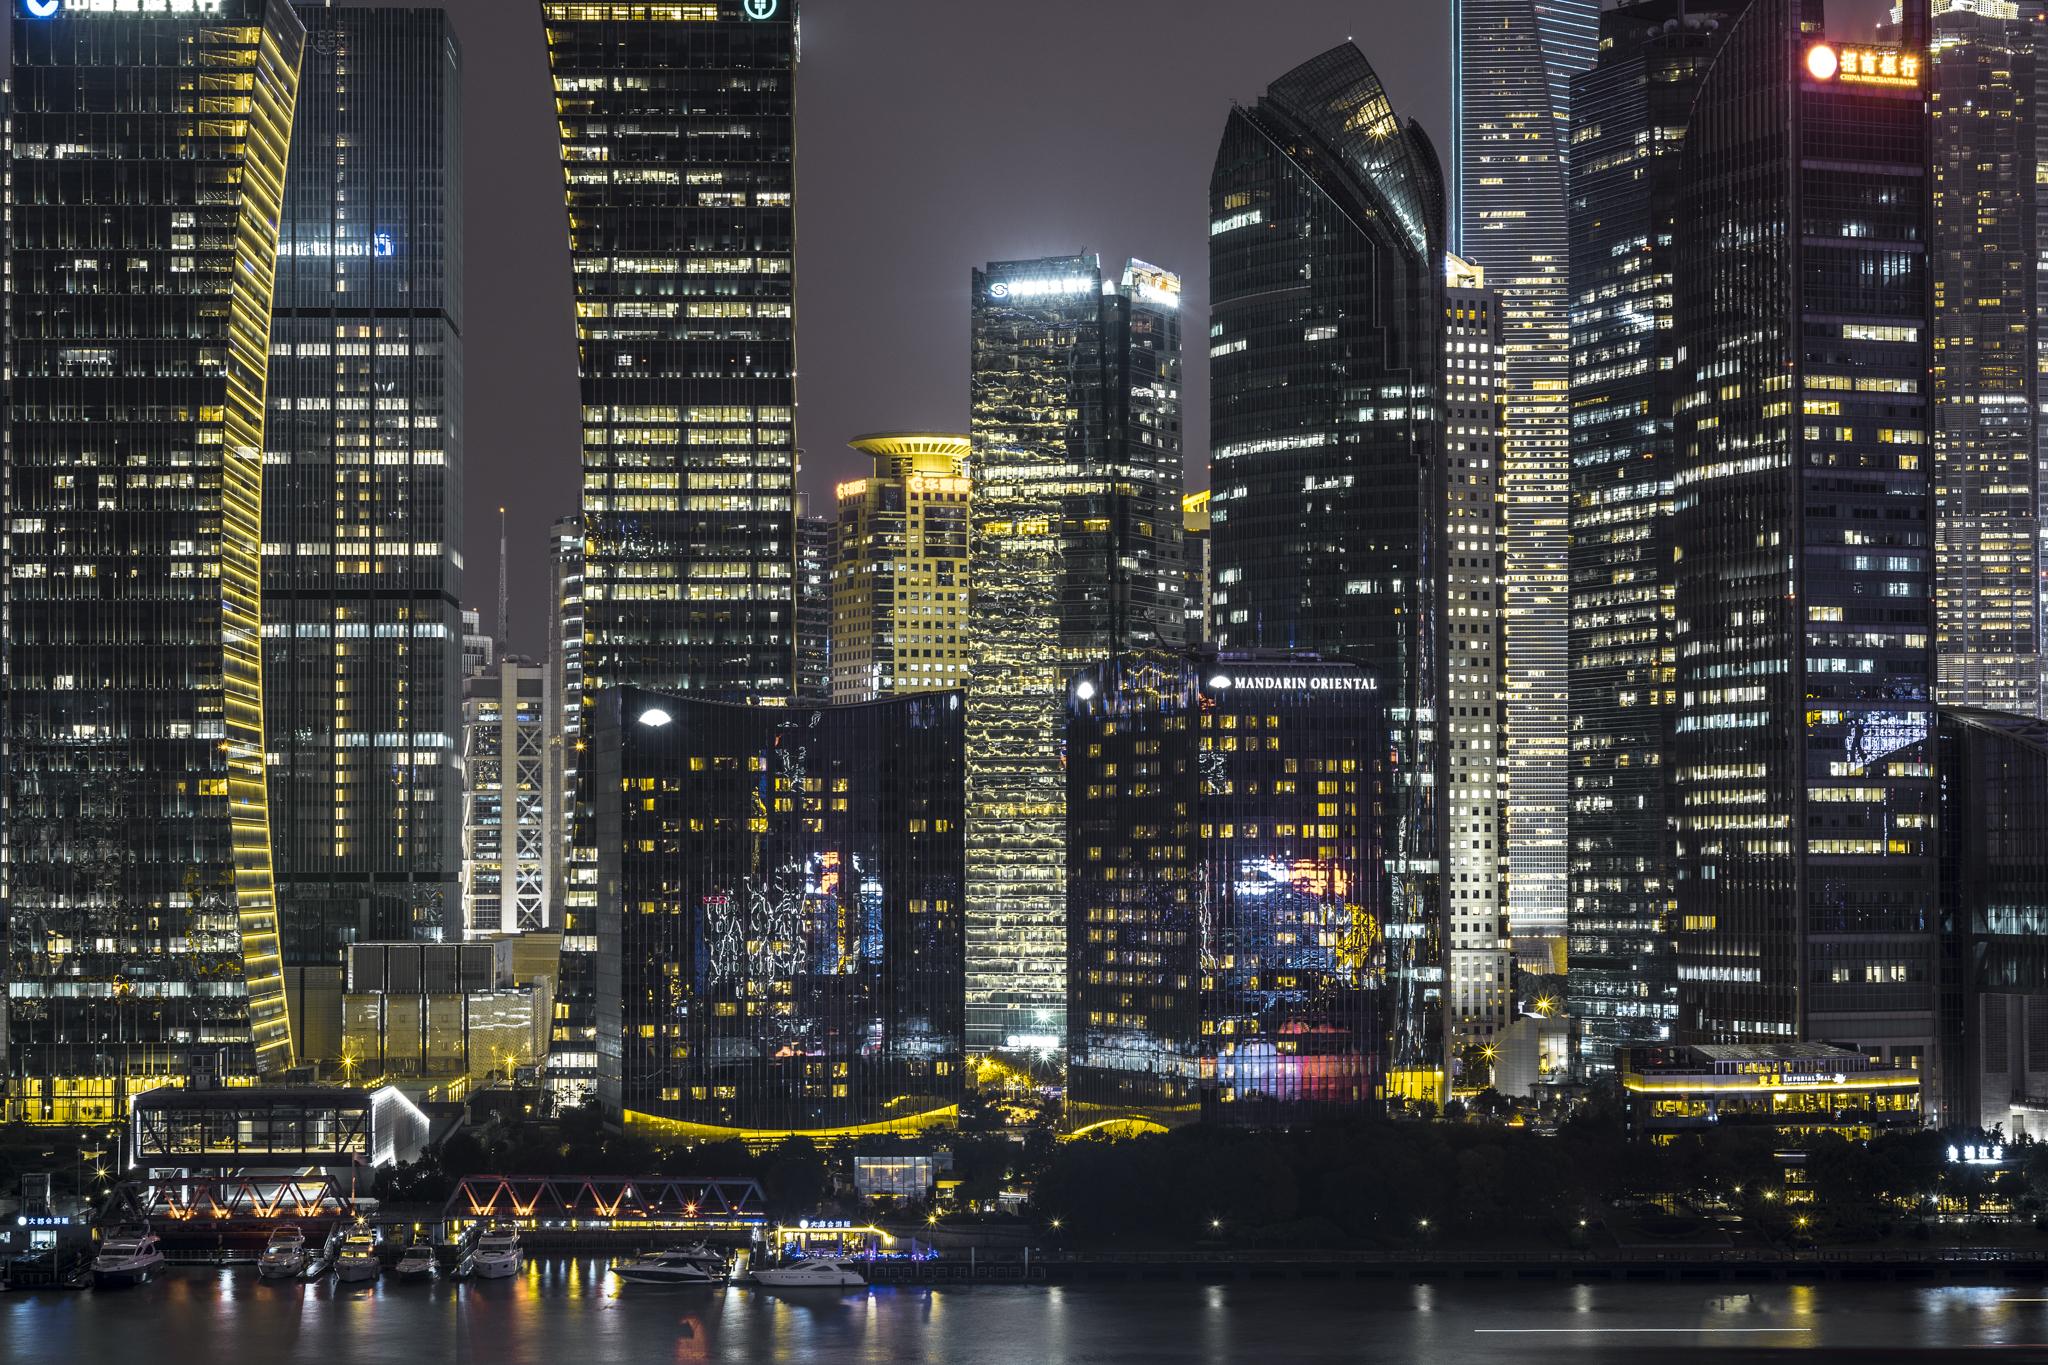 Shanghai, China - November 16, 2016.